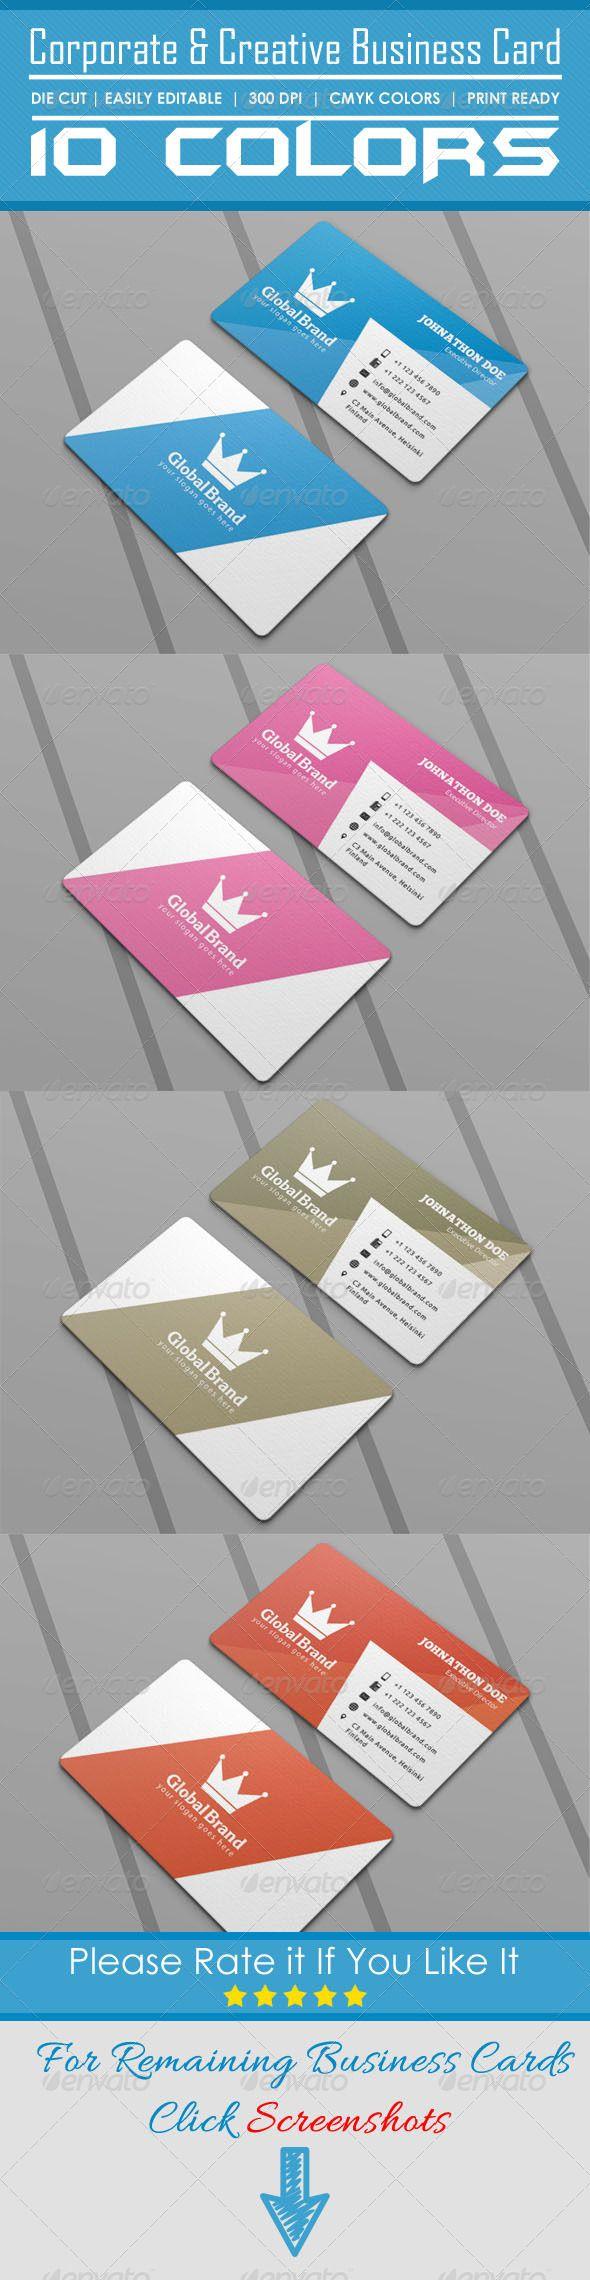 Corporate & Creative Die Cut Business Card